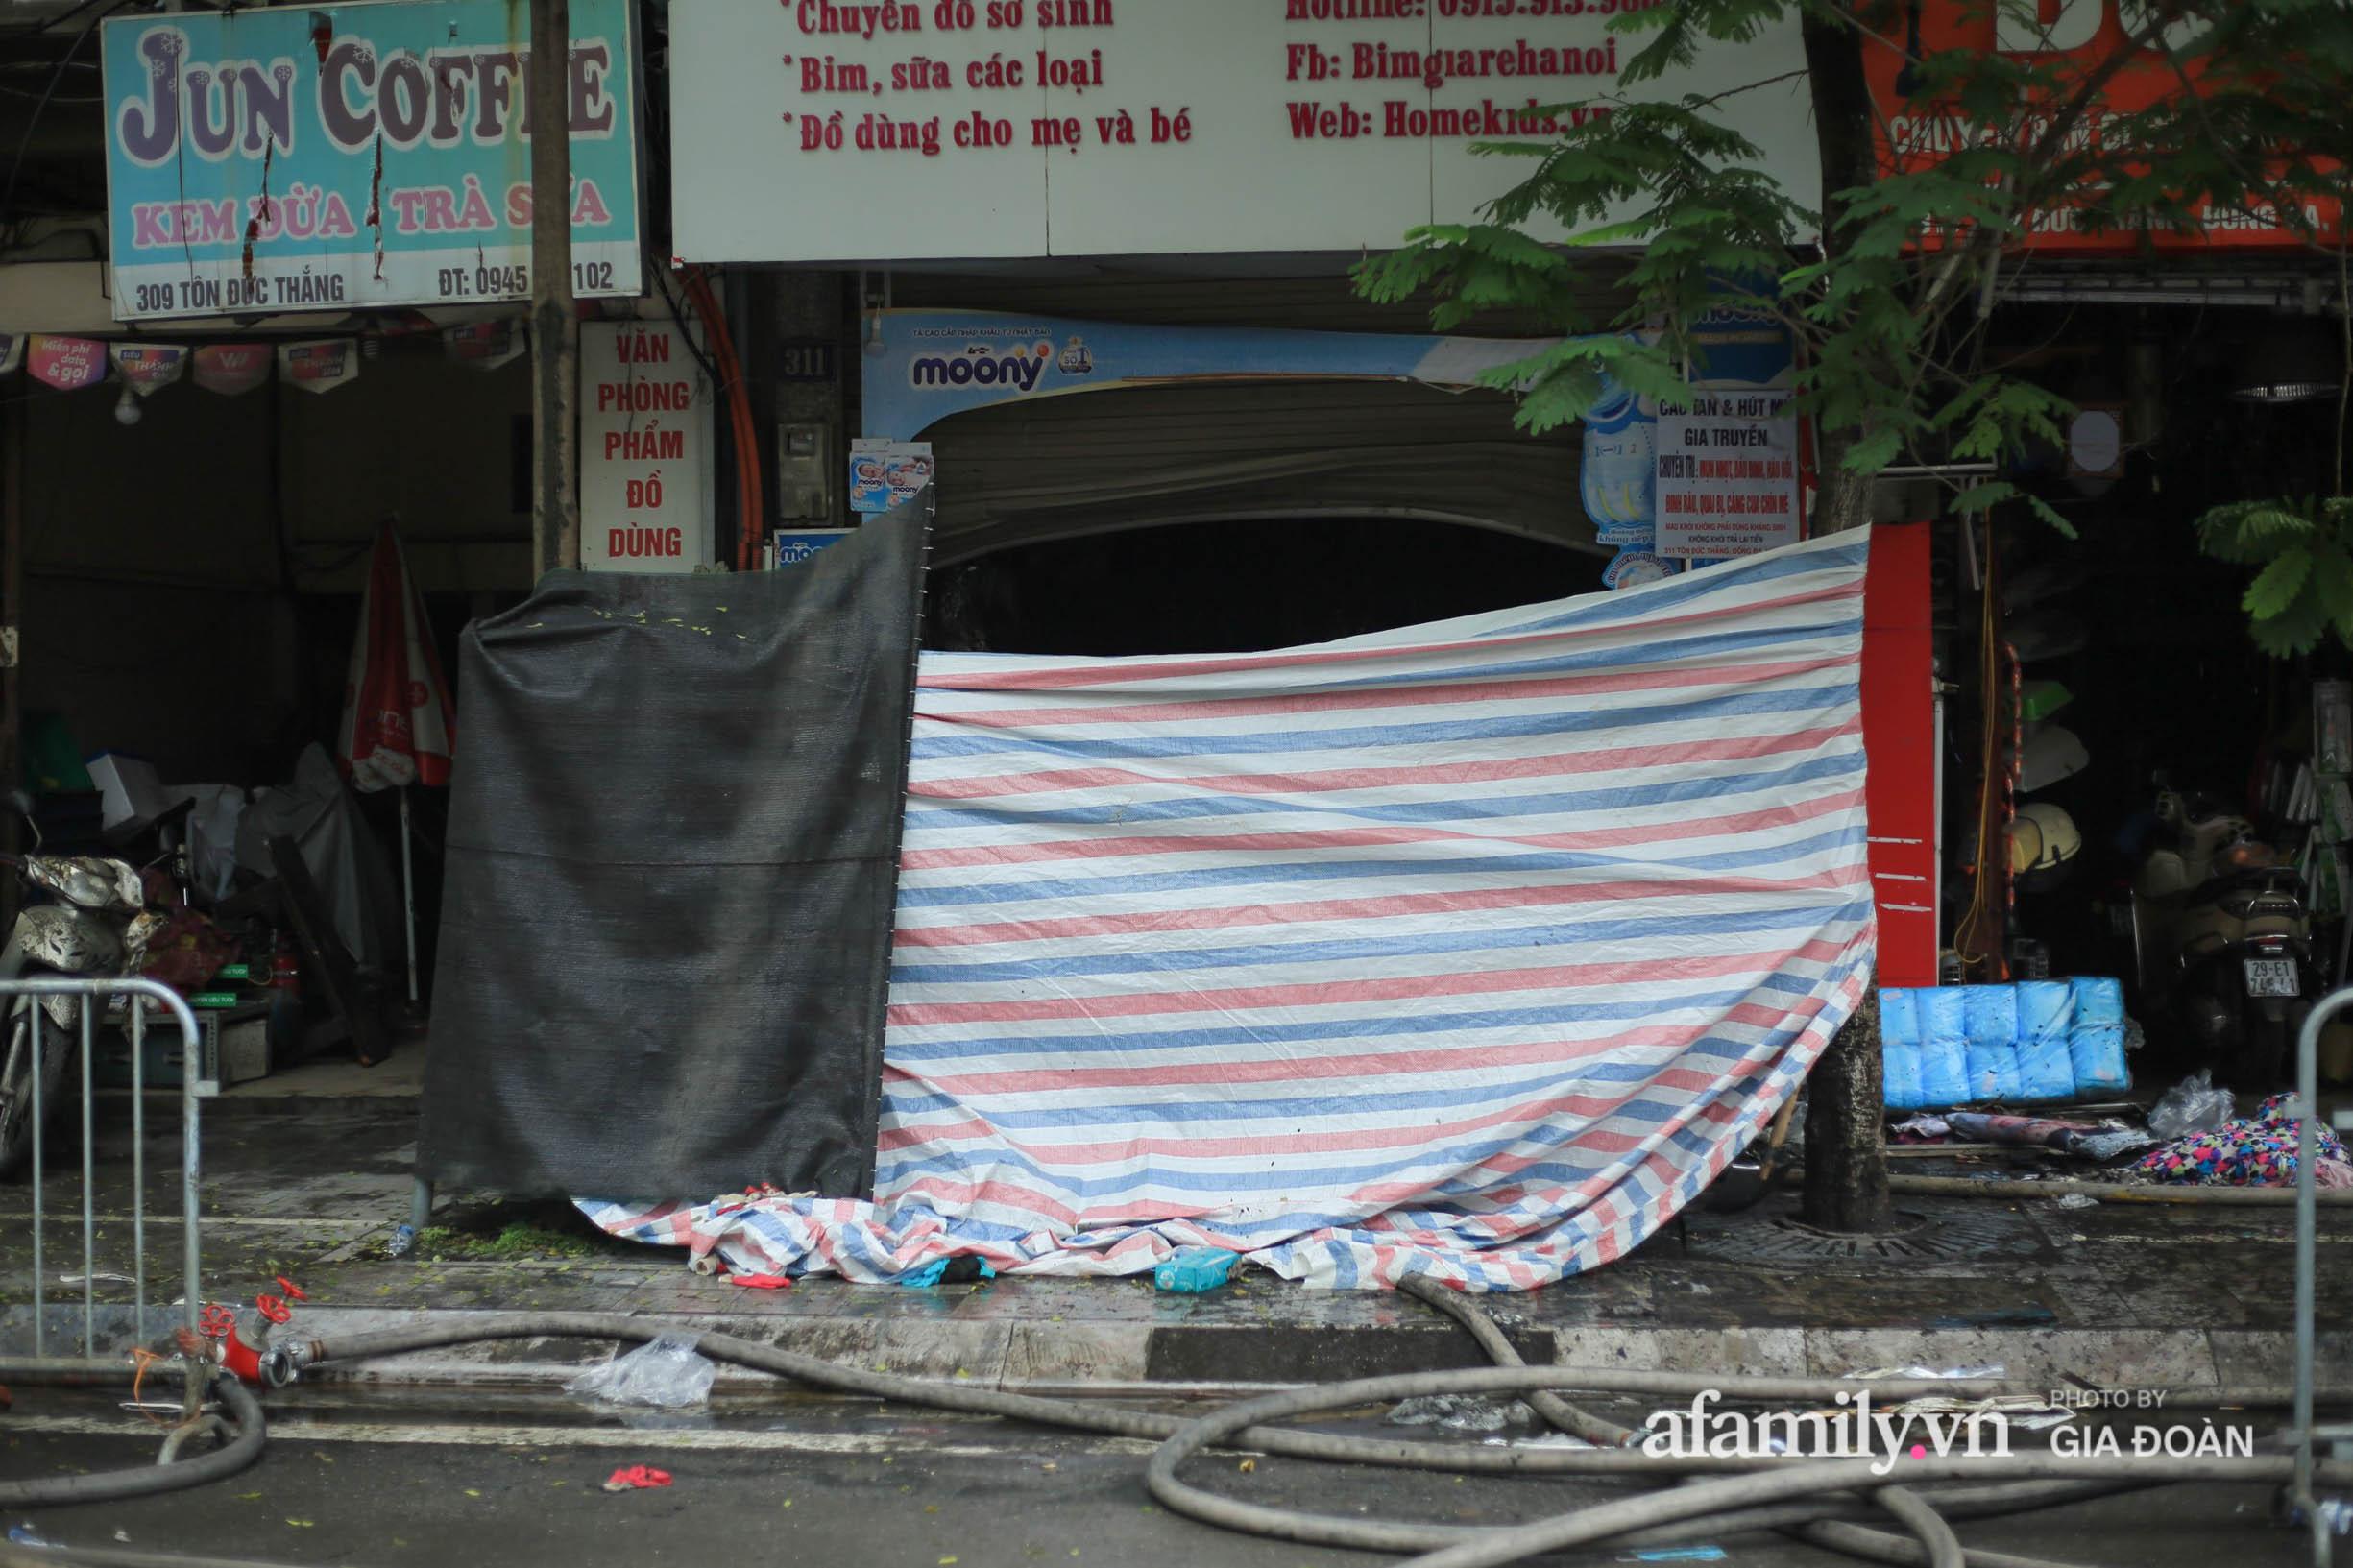 Hiện trường ám ảnh bên trong ngôi nhà bị cháy khiến 4 người trong cùng một gia đình tử vong ở Hà Nội - Ảnh 5.